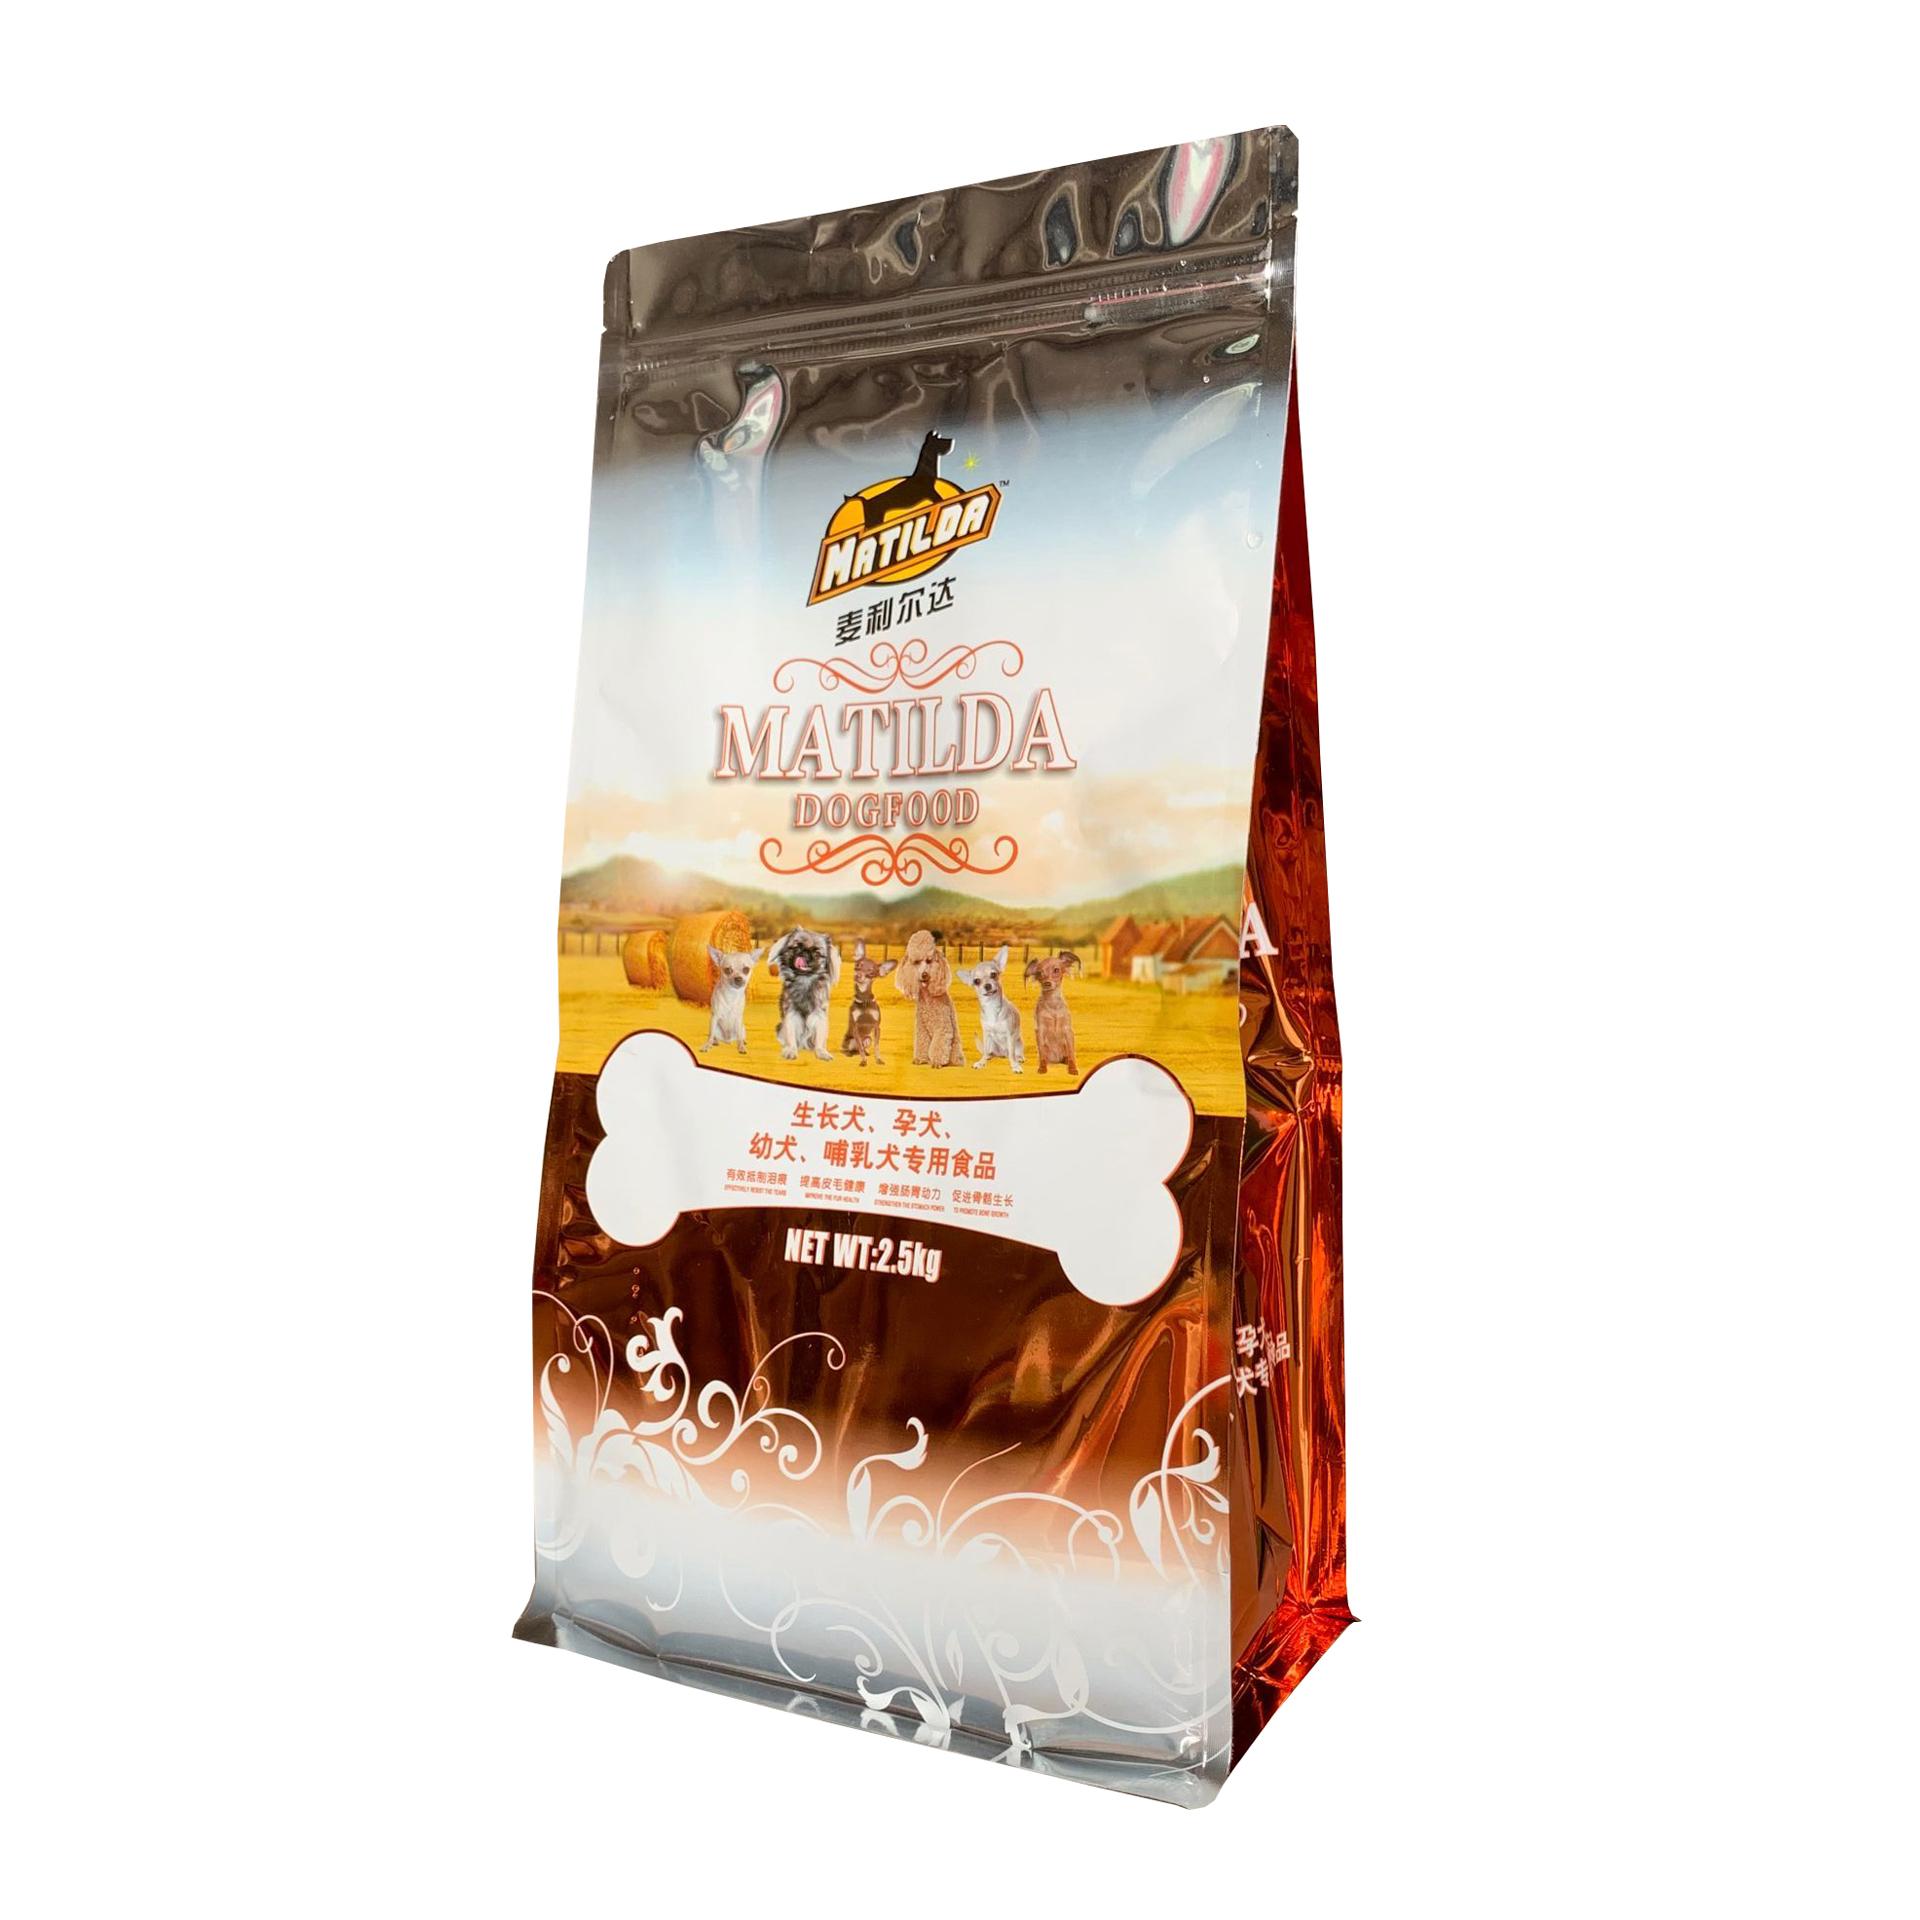 Heißer Verkauf Laminiert Individuelles Logo Zip-Lock Flachen Boden Schokolade Kunststoff Verpackung Jujube Deta Nüsse Lebensmittel Taschen Kaffee Tee Paket